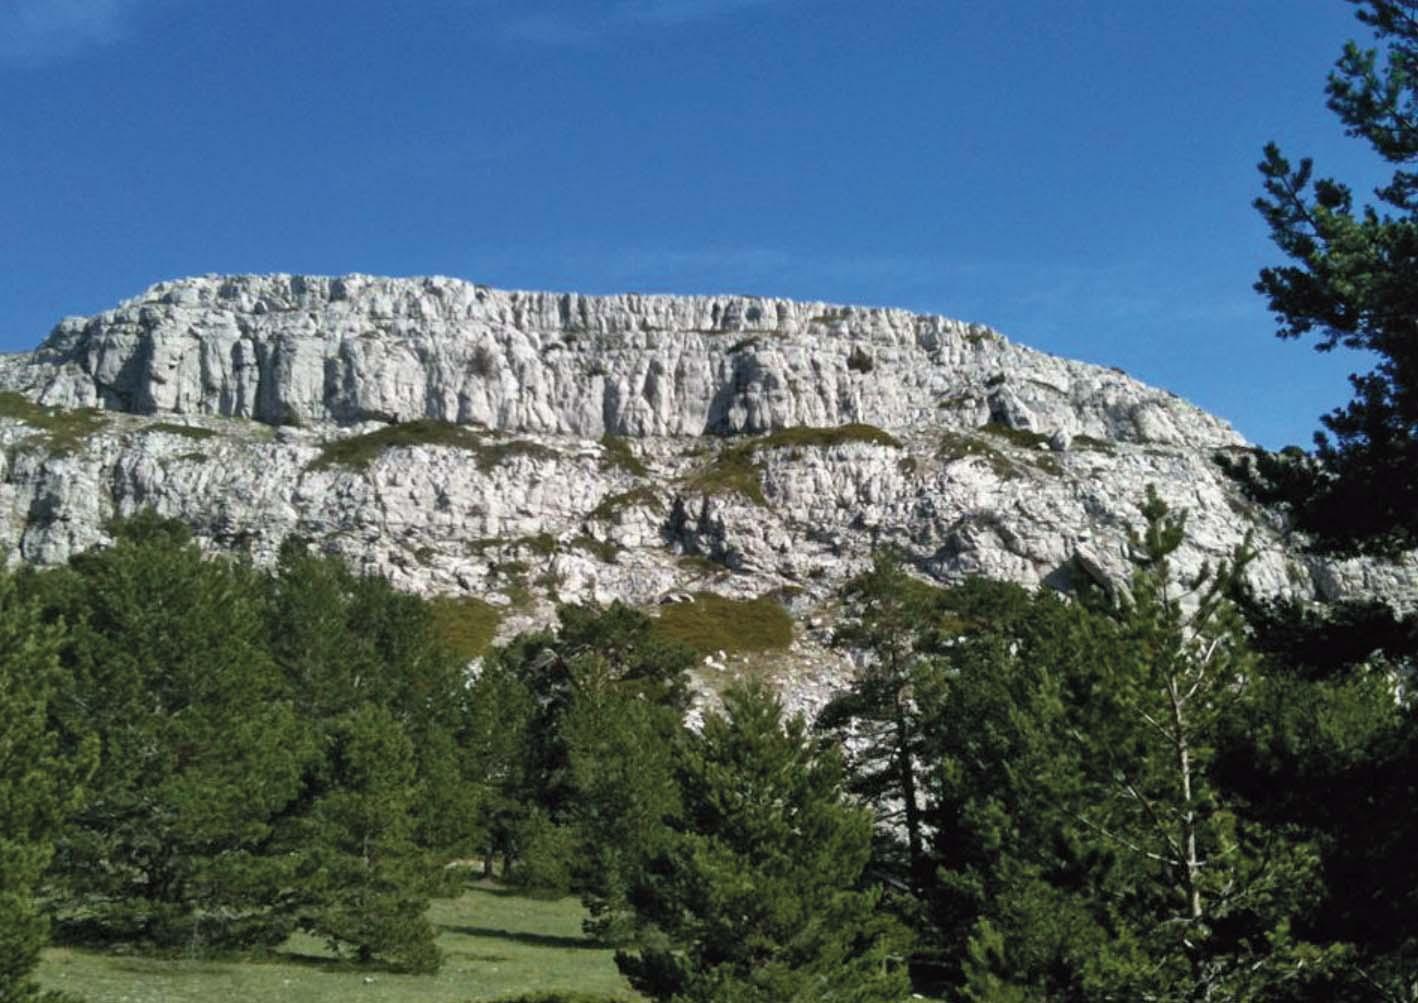 Macizo rocosa en el Barranco de La Bellena en Javalambre